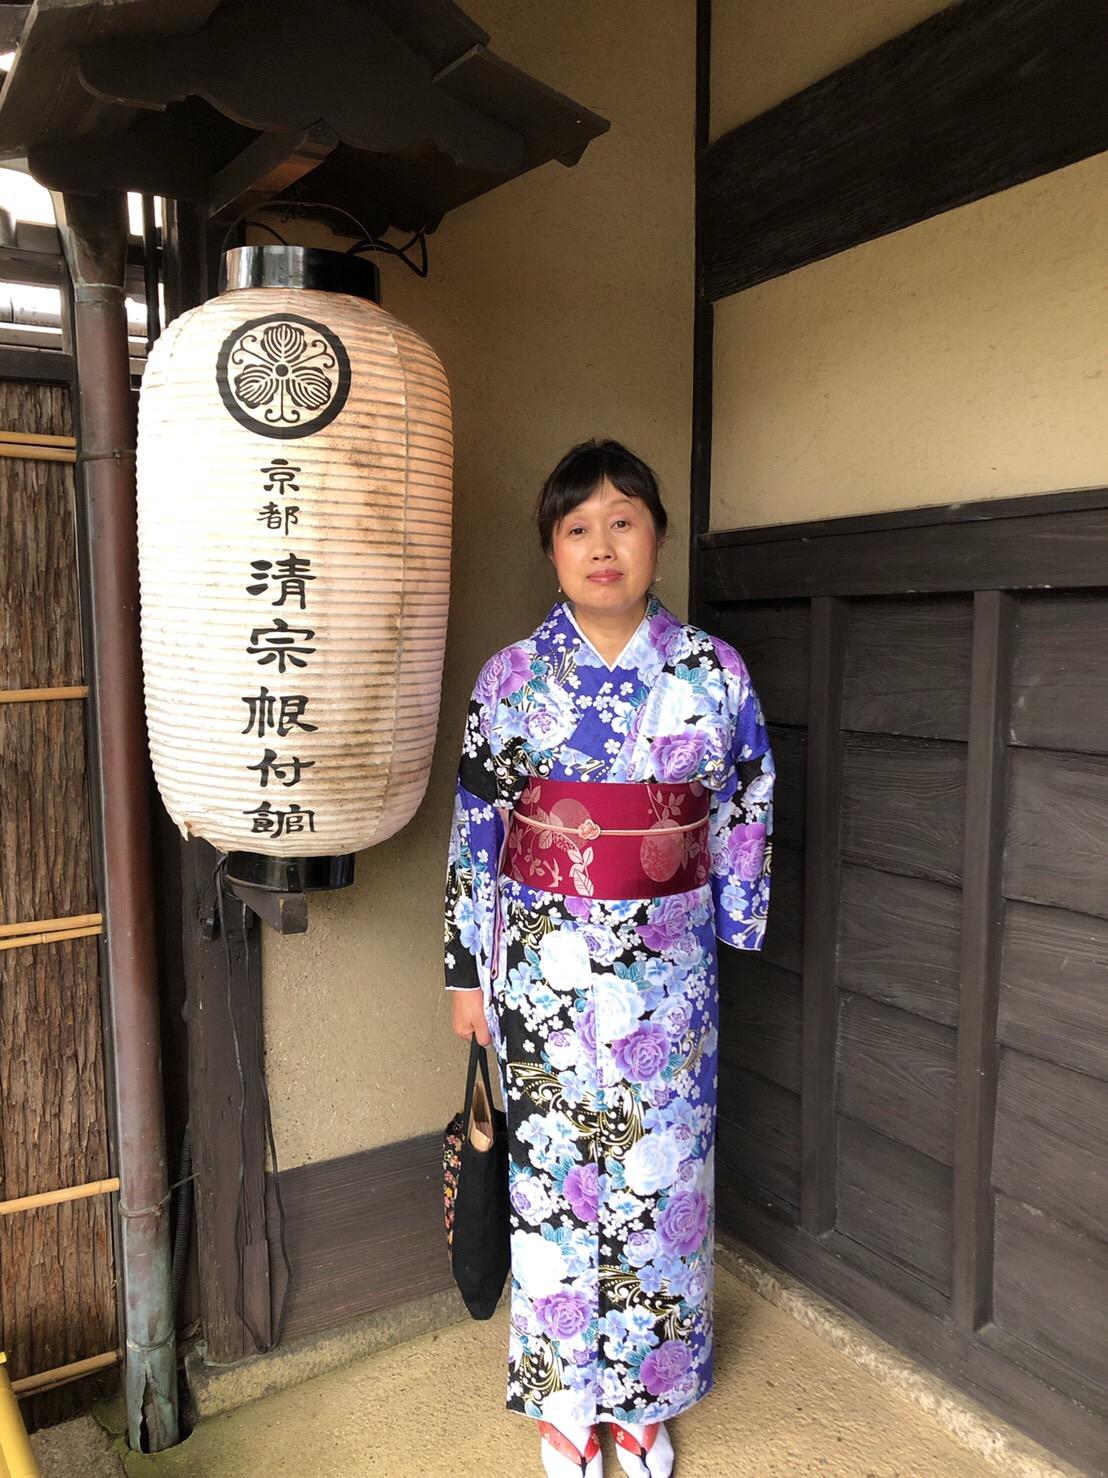 雨の京都を満喫♪2019年3月10日2